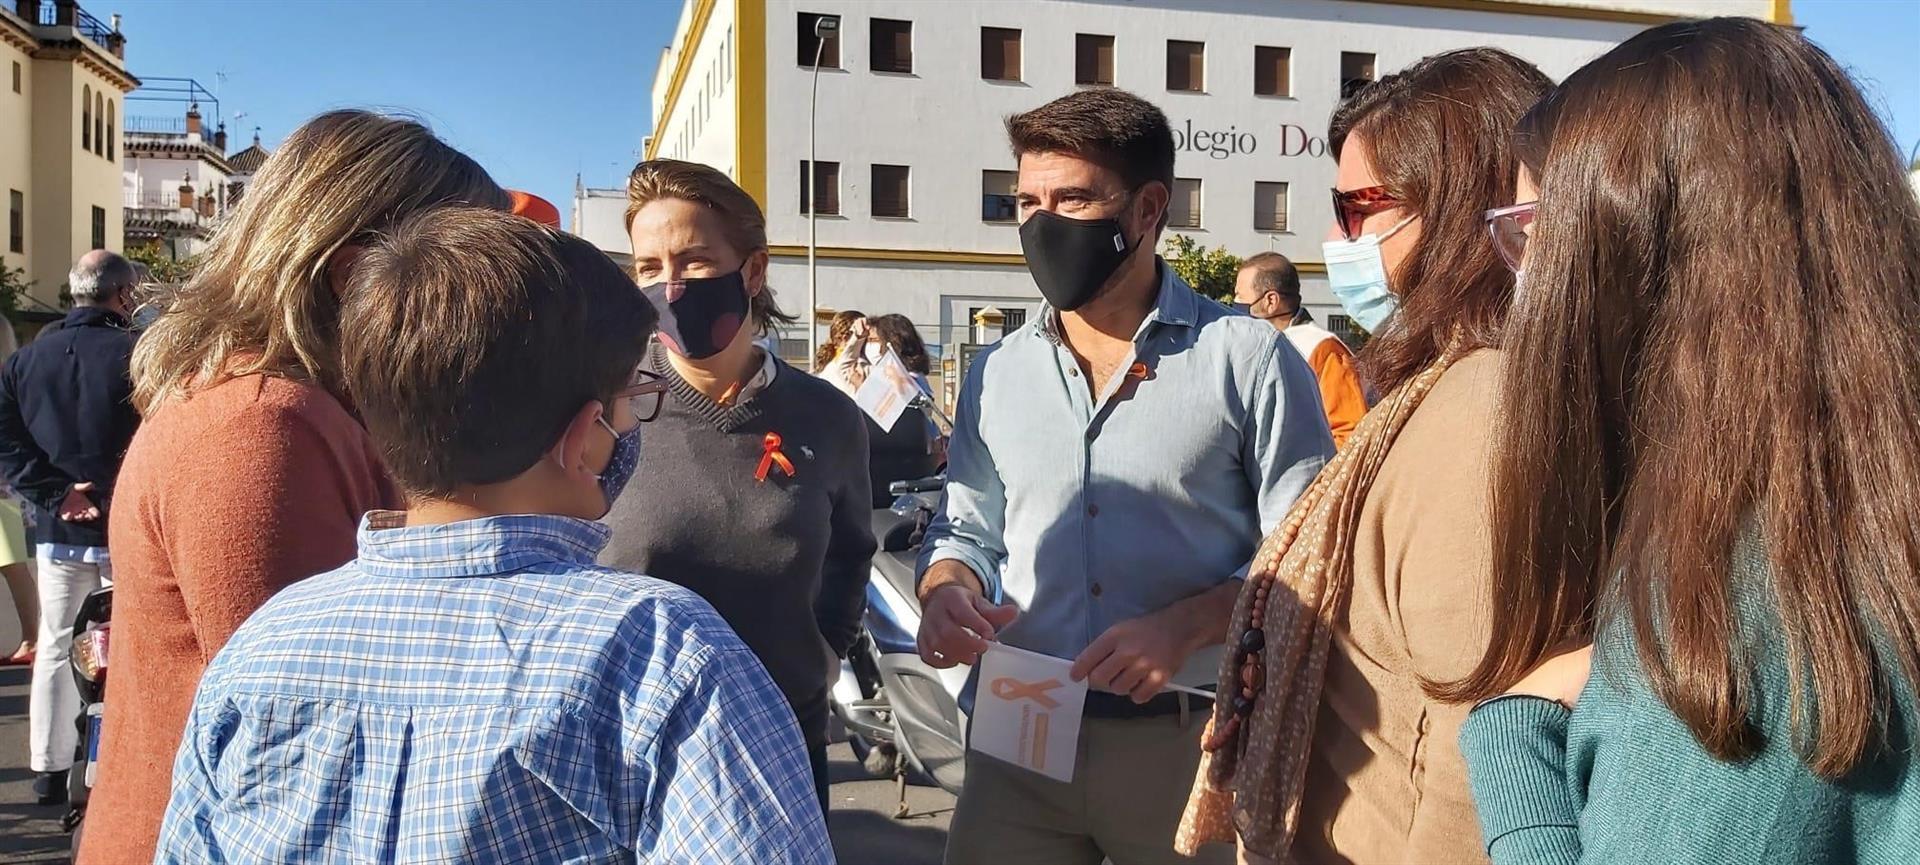 El PP apoya las protestas de la concertada contra la Ley Celaá